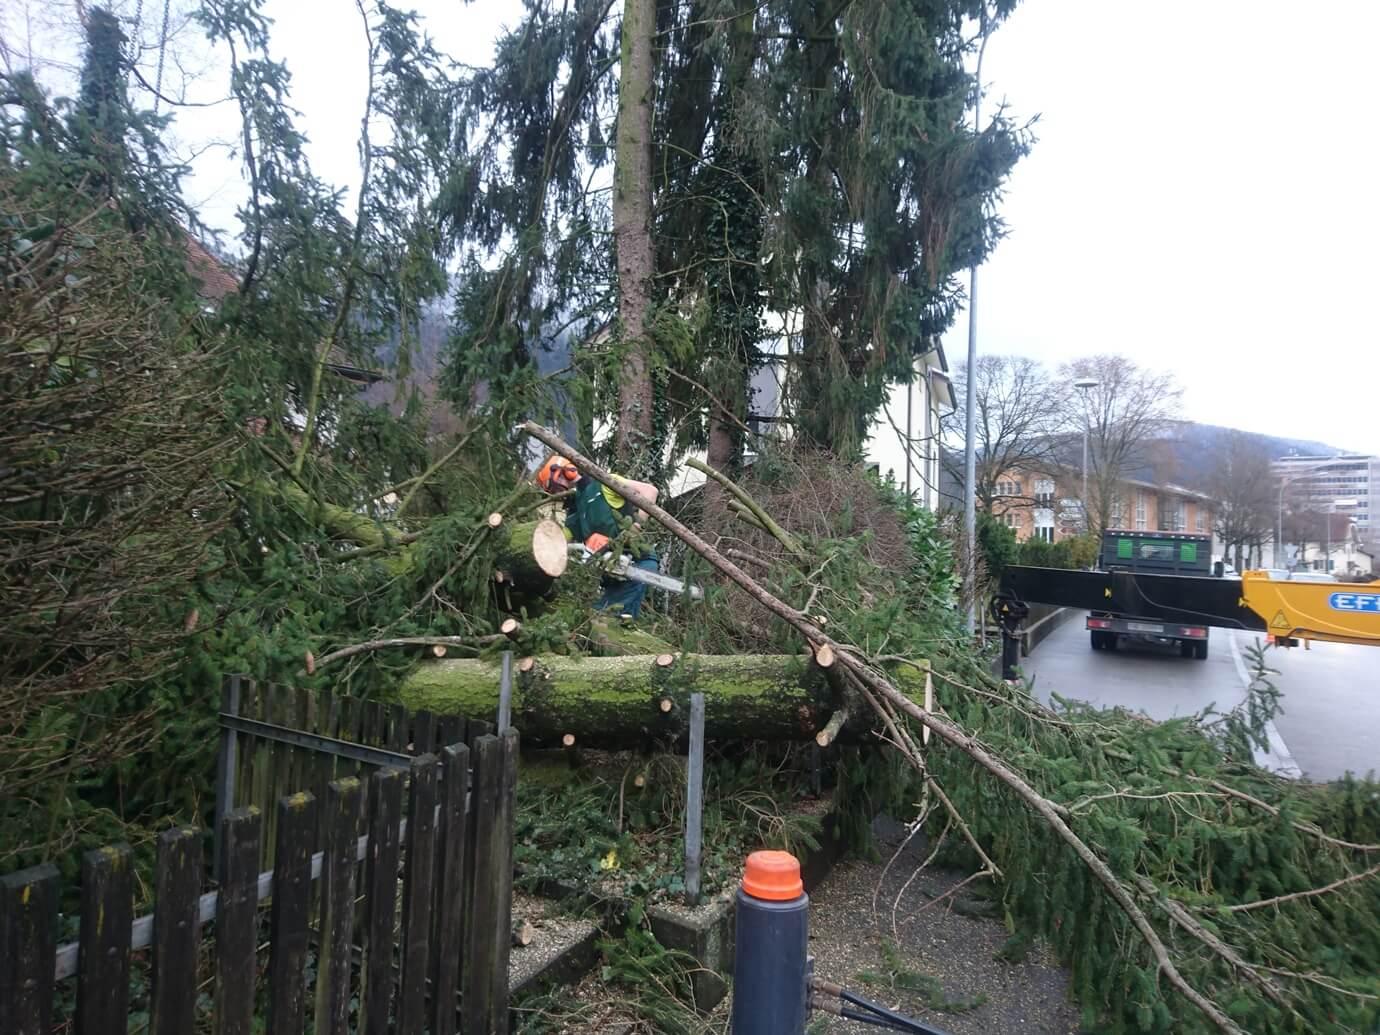 mickael aellig paysagiste moutier abattage arbre elagage abattage (2)